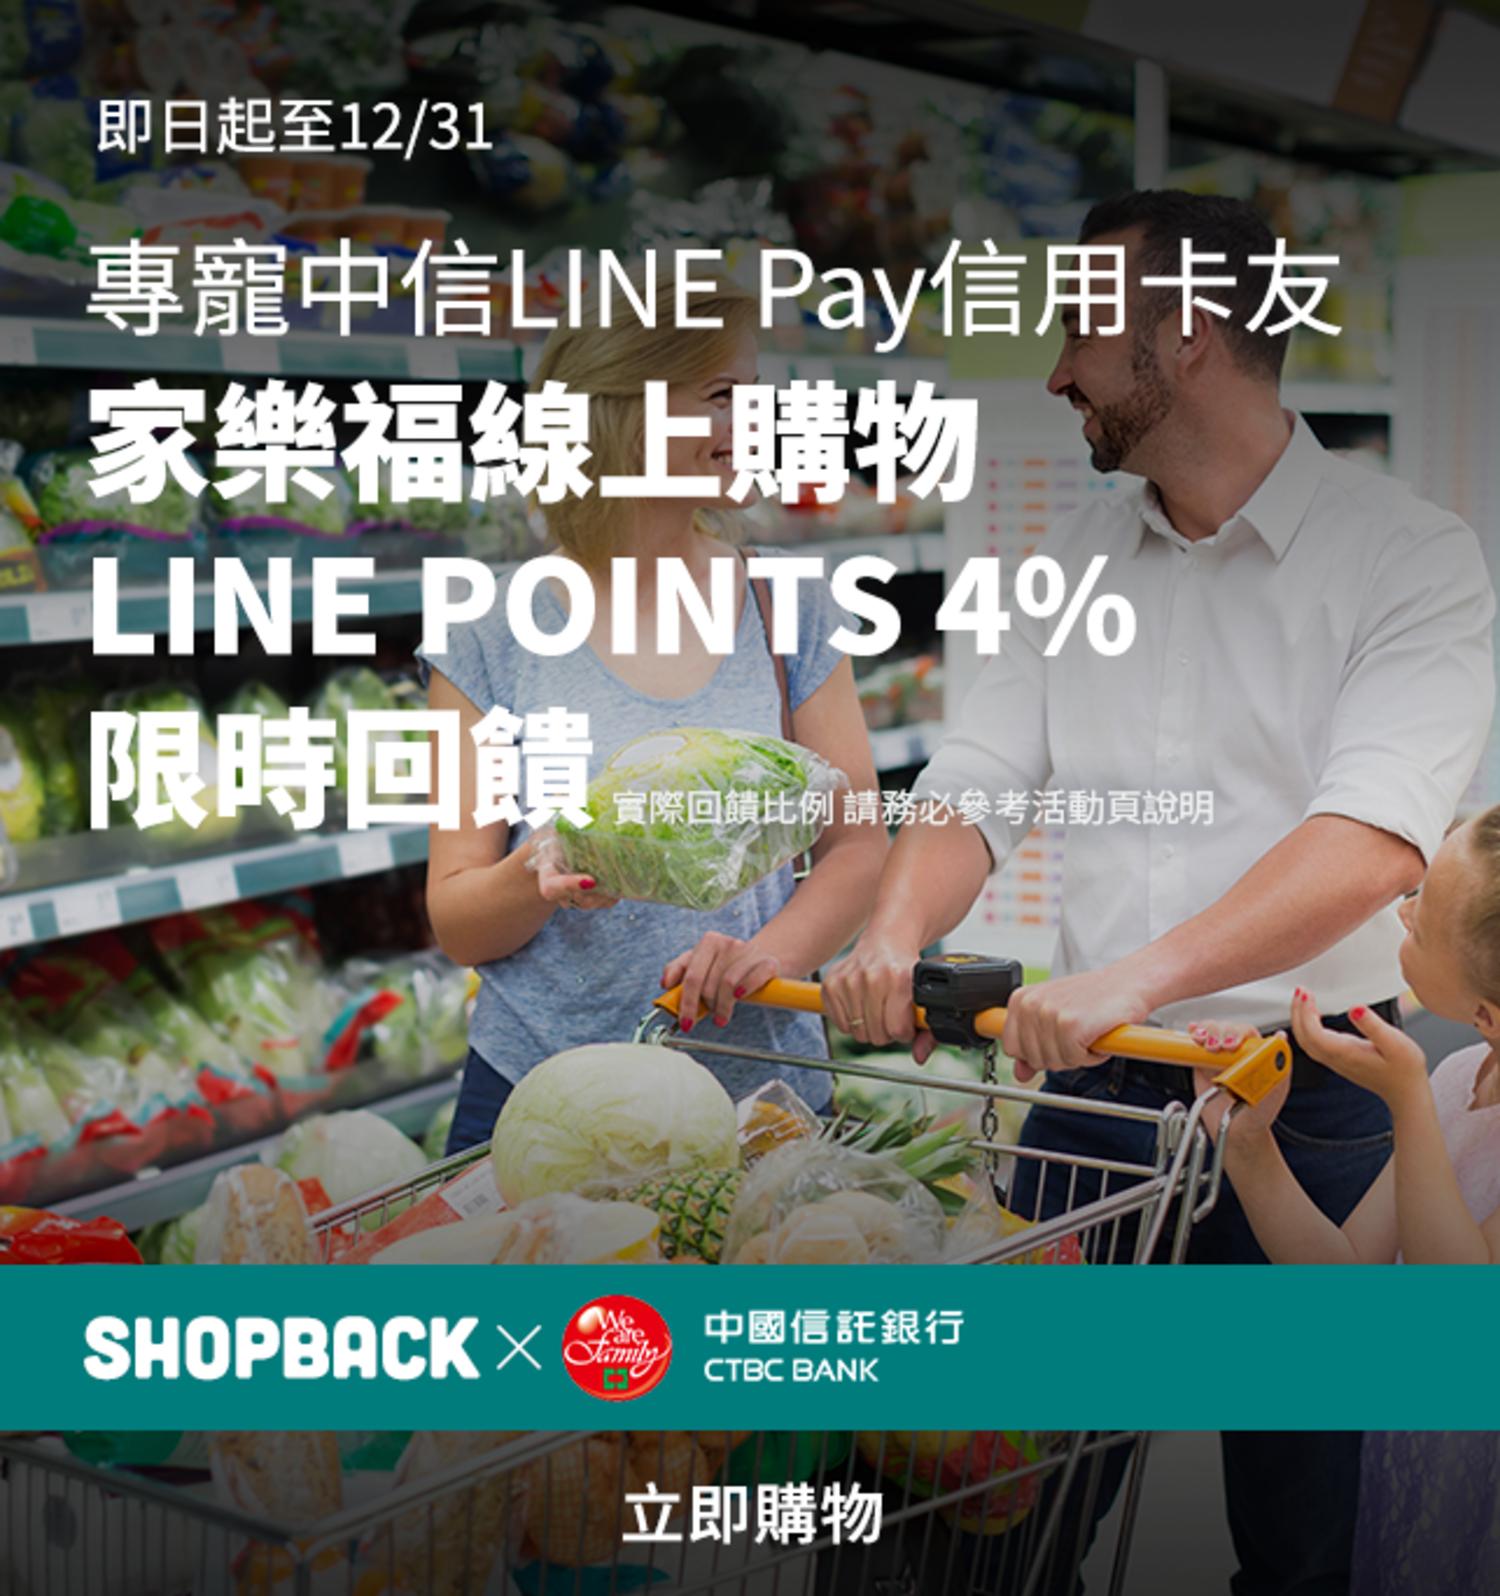 中信LINE Pay卡優惠 家樂福上線